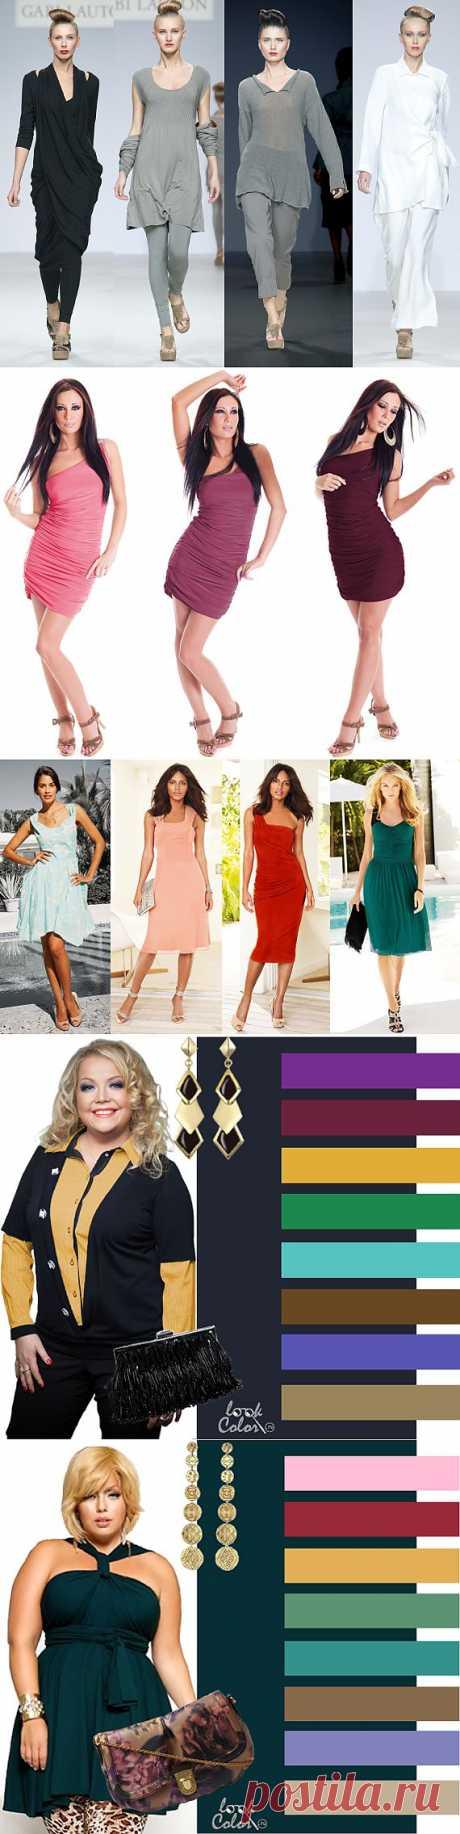 Какой цвет одежды стройнит. Секреты стиля | Умелые ручки